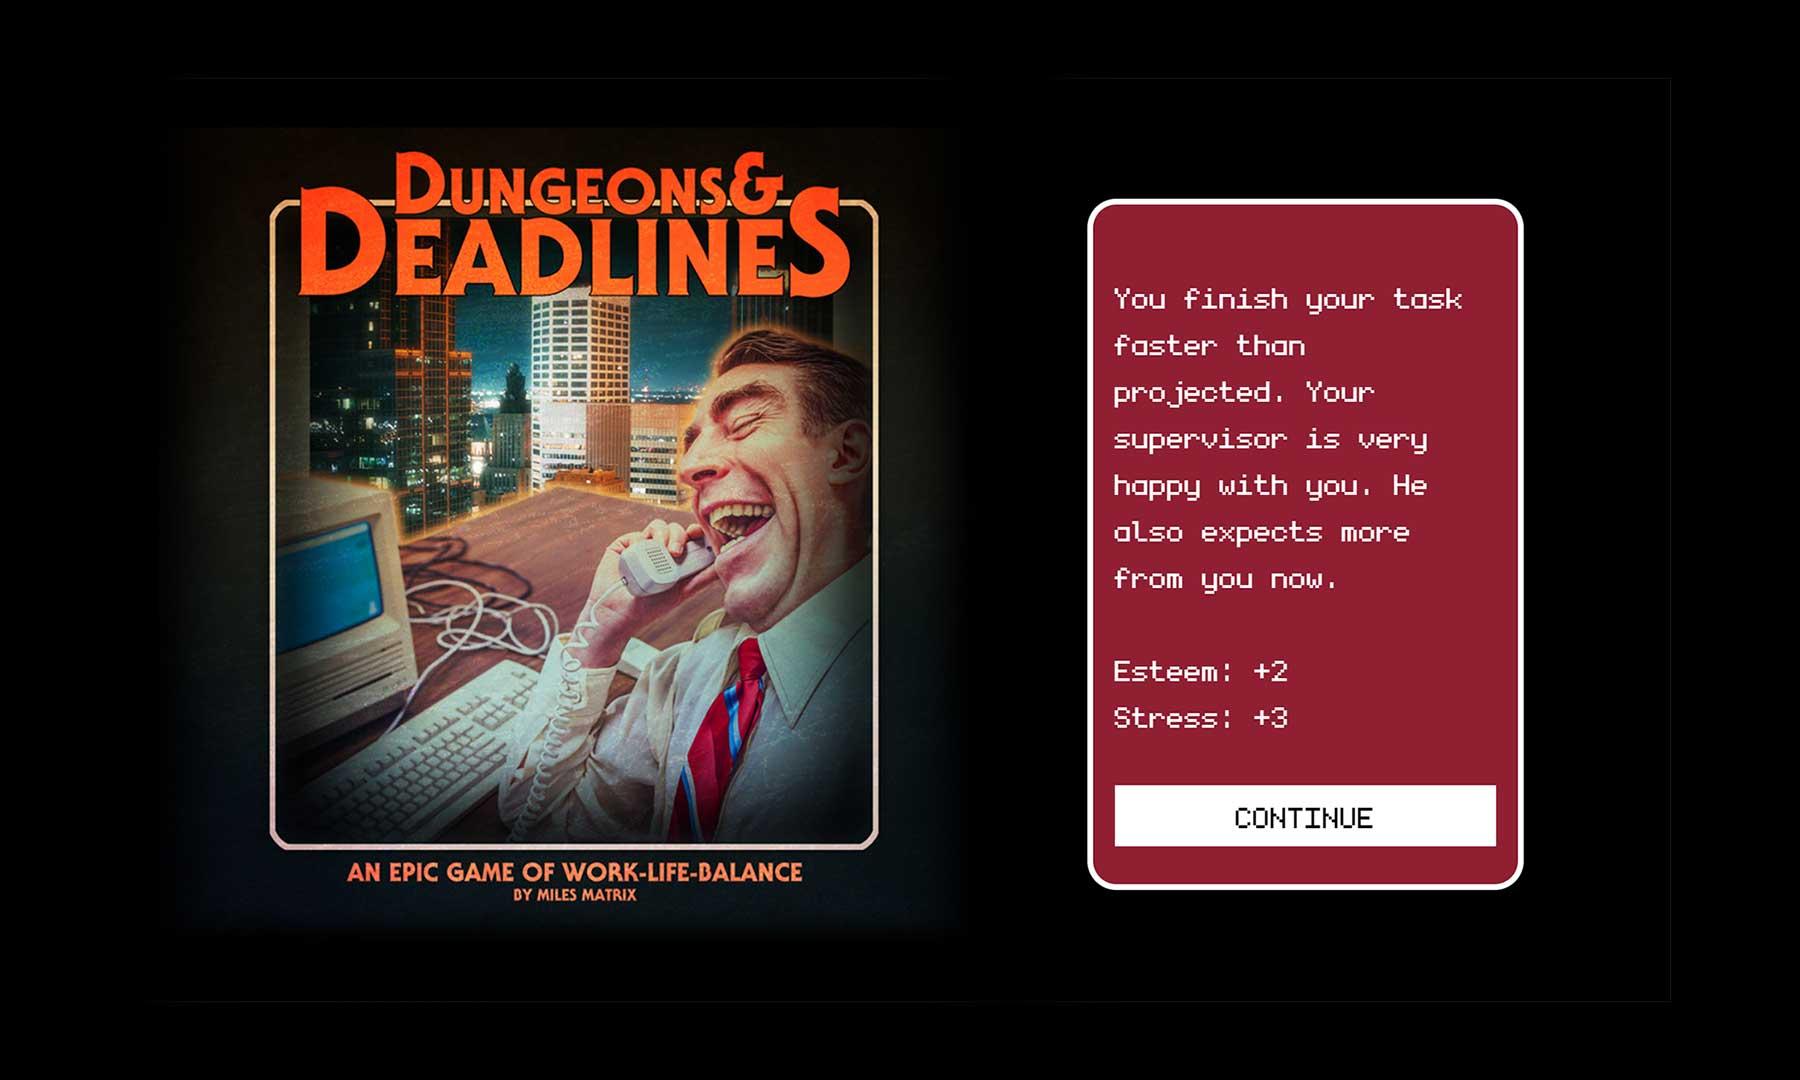 Dungeons & Deadlines lässt euch spielerisch die Work-Life-Balance meistern